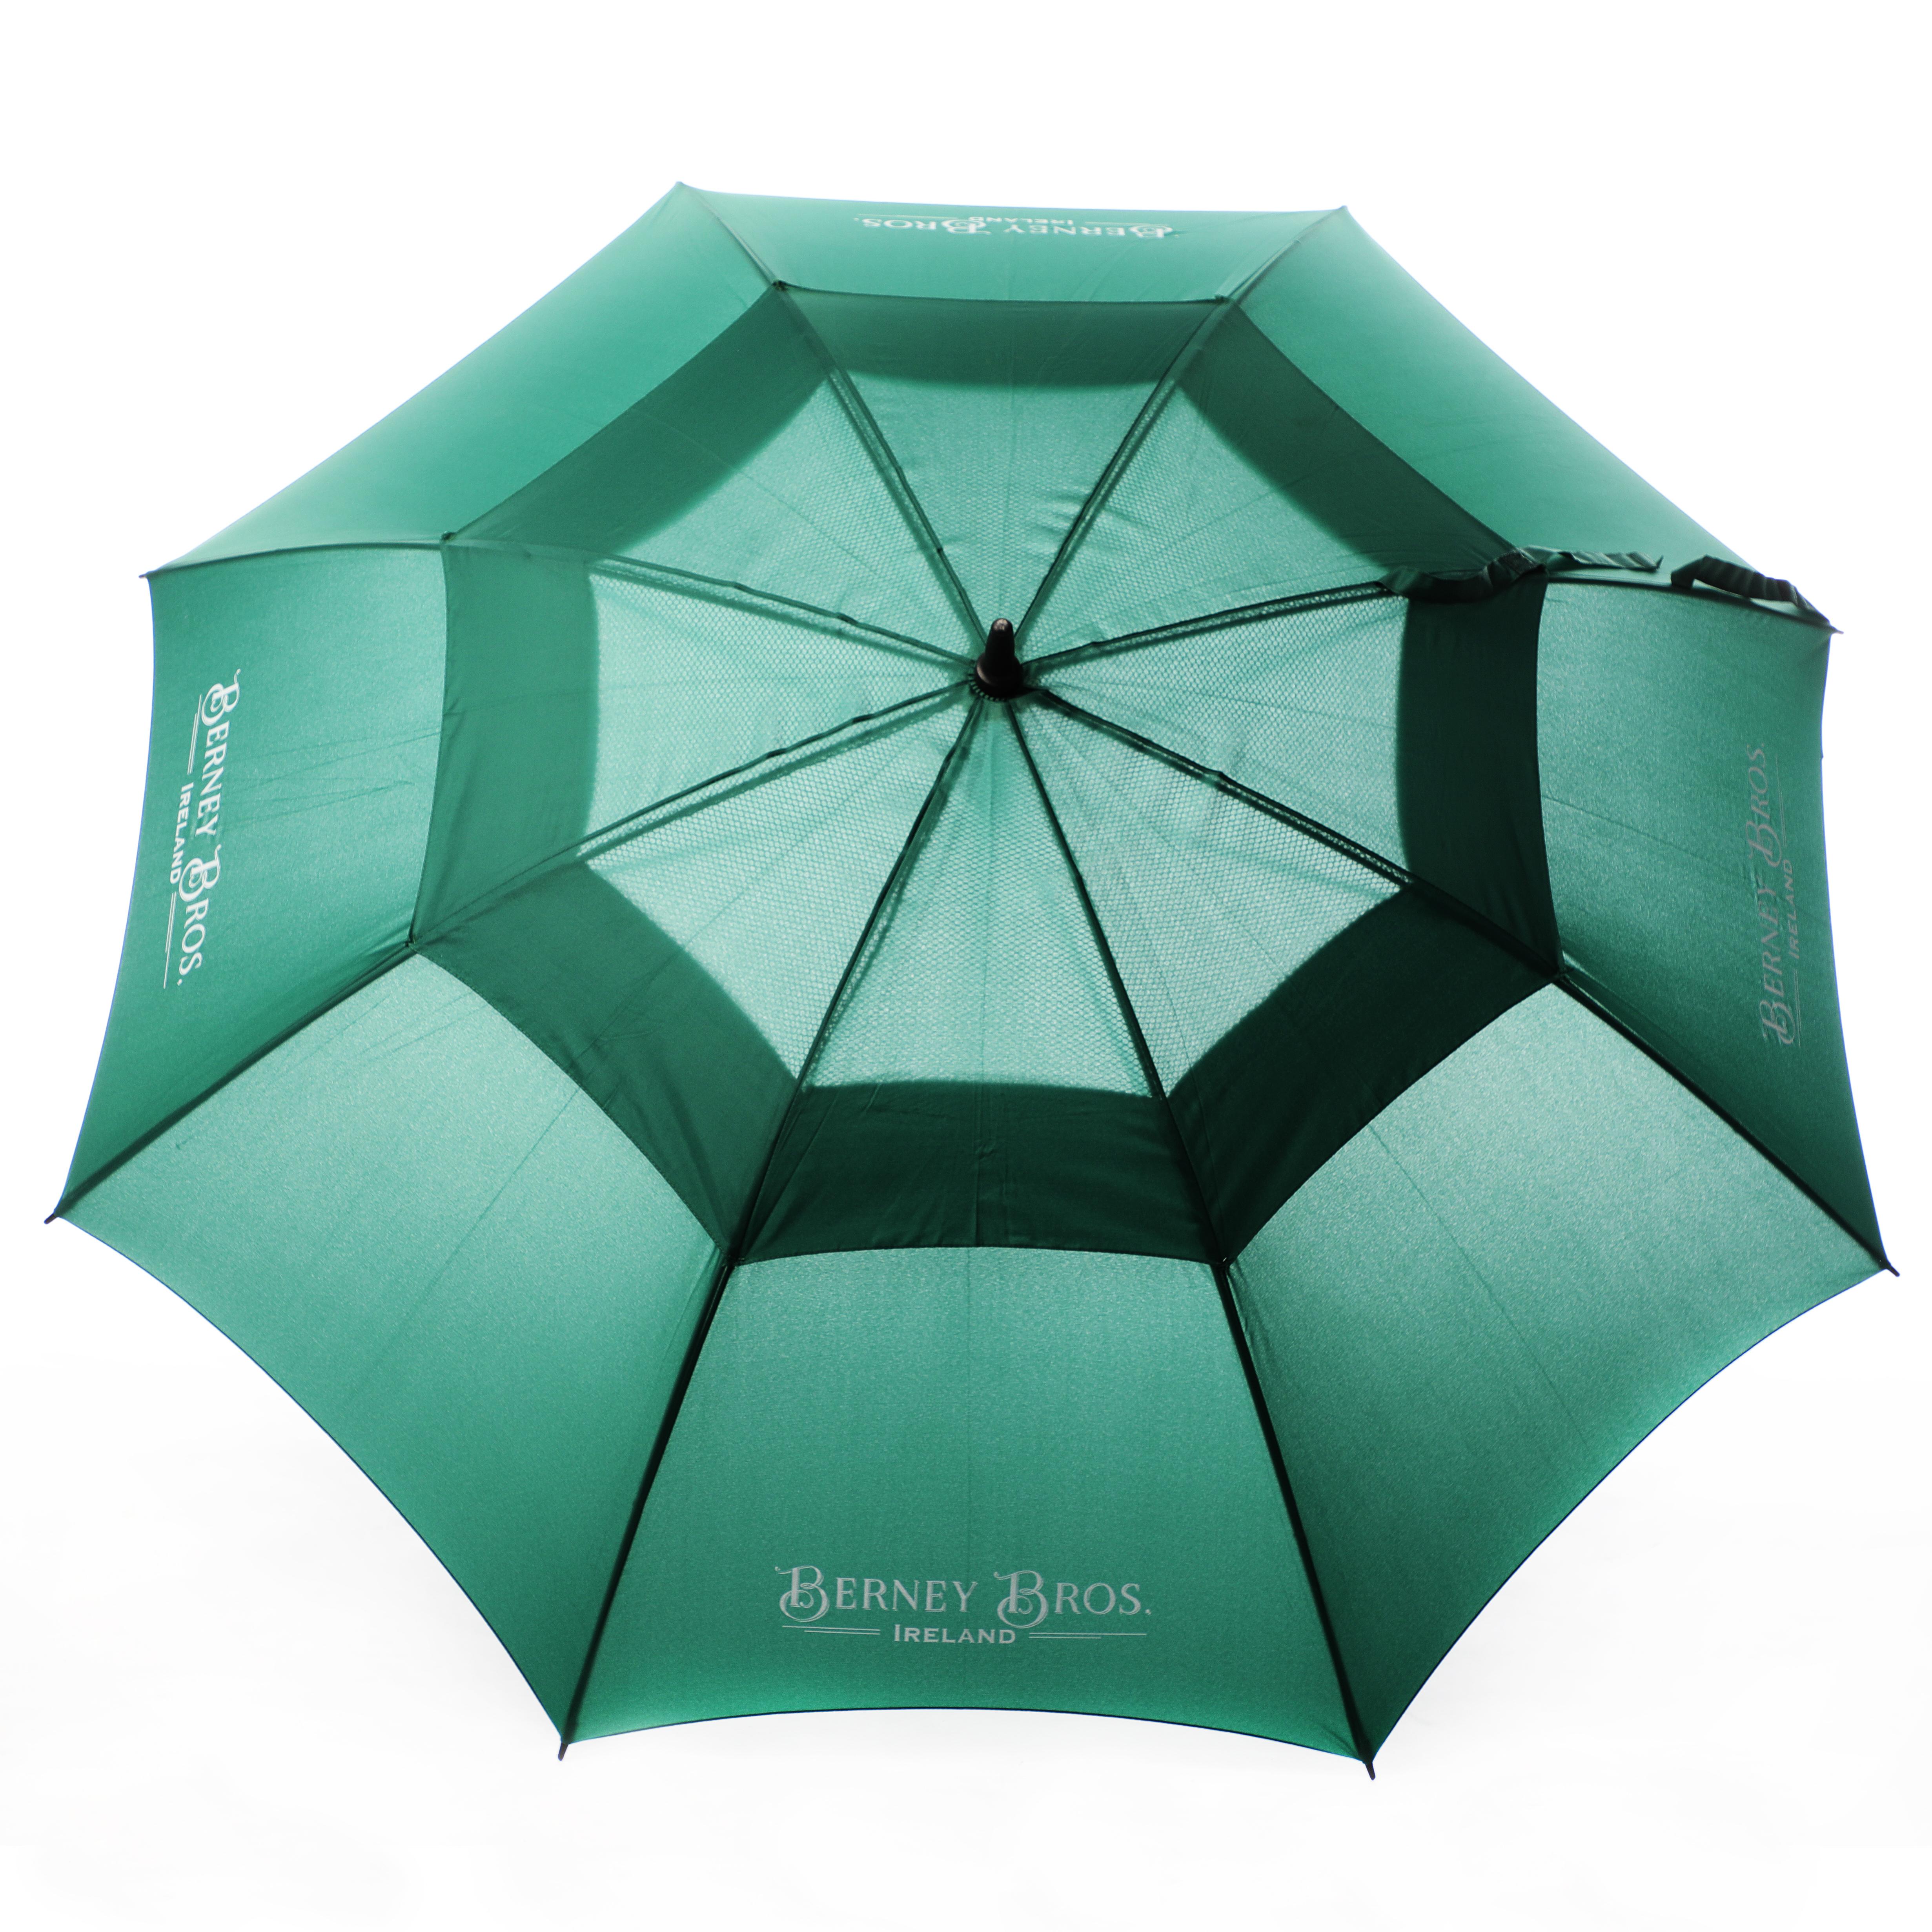 1f5a9f9f5c93 Berney Bros Umbrella